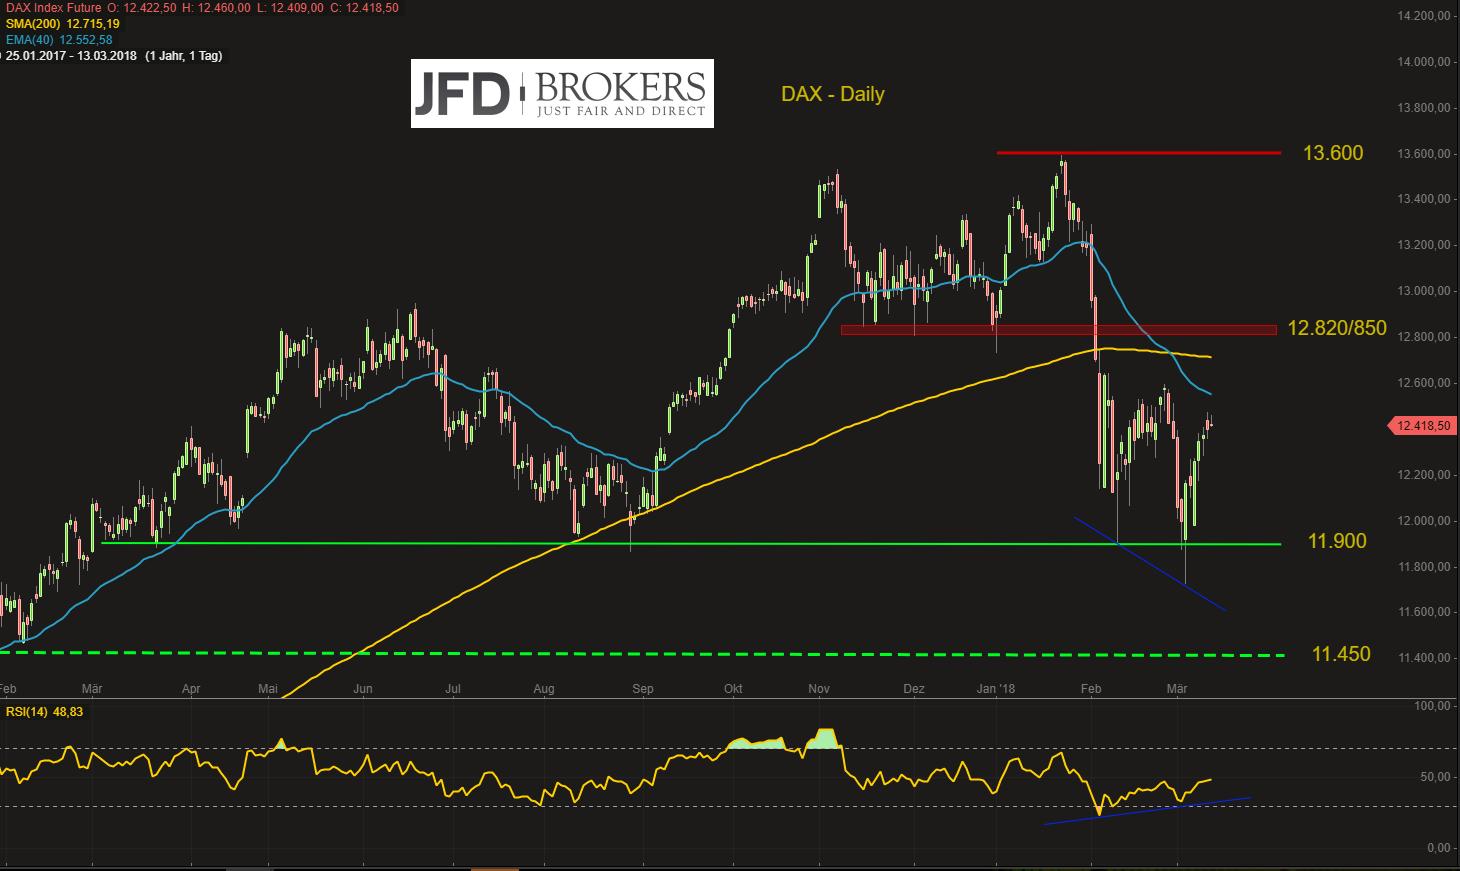 DAX-US-Inflation-ein-Non-Event-warten-auf-den-großen-Verfall-am-Freitag-Kommentar-JFD-Brokers-GodmodeTrader.de-2